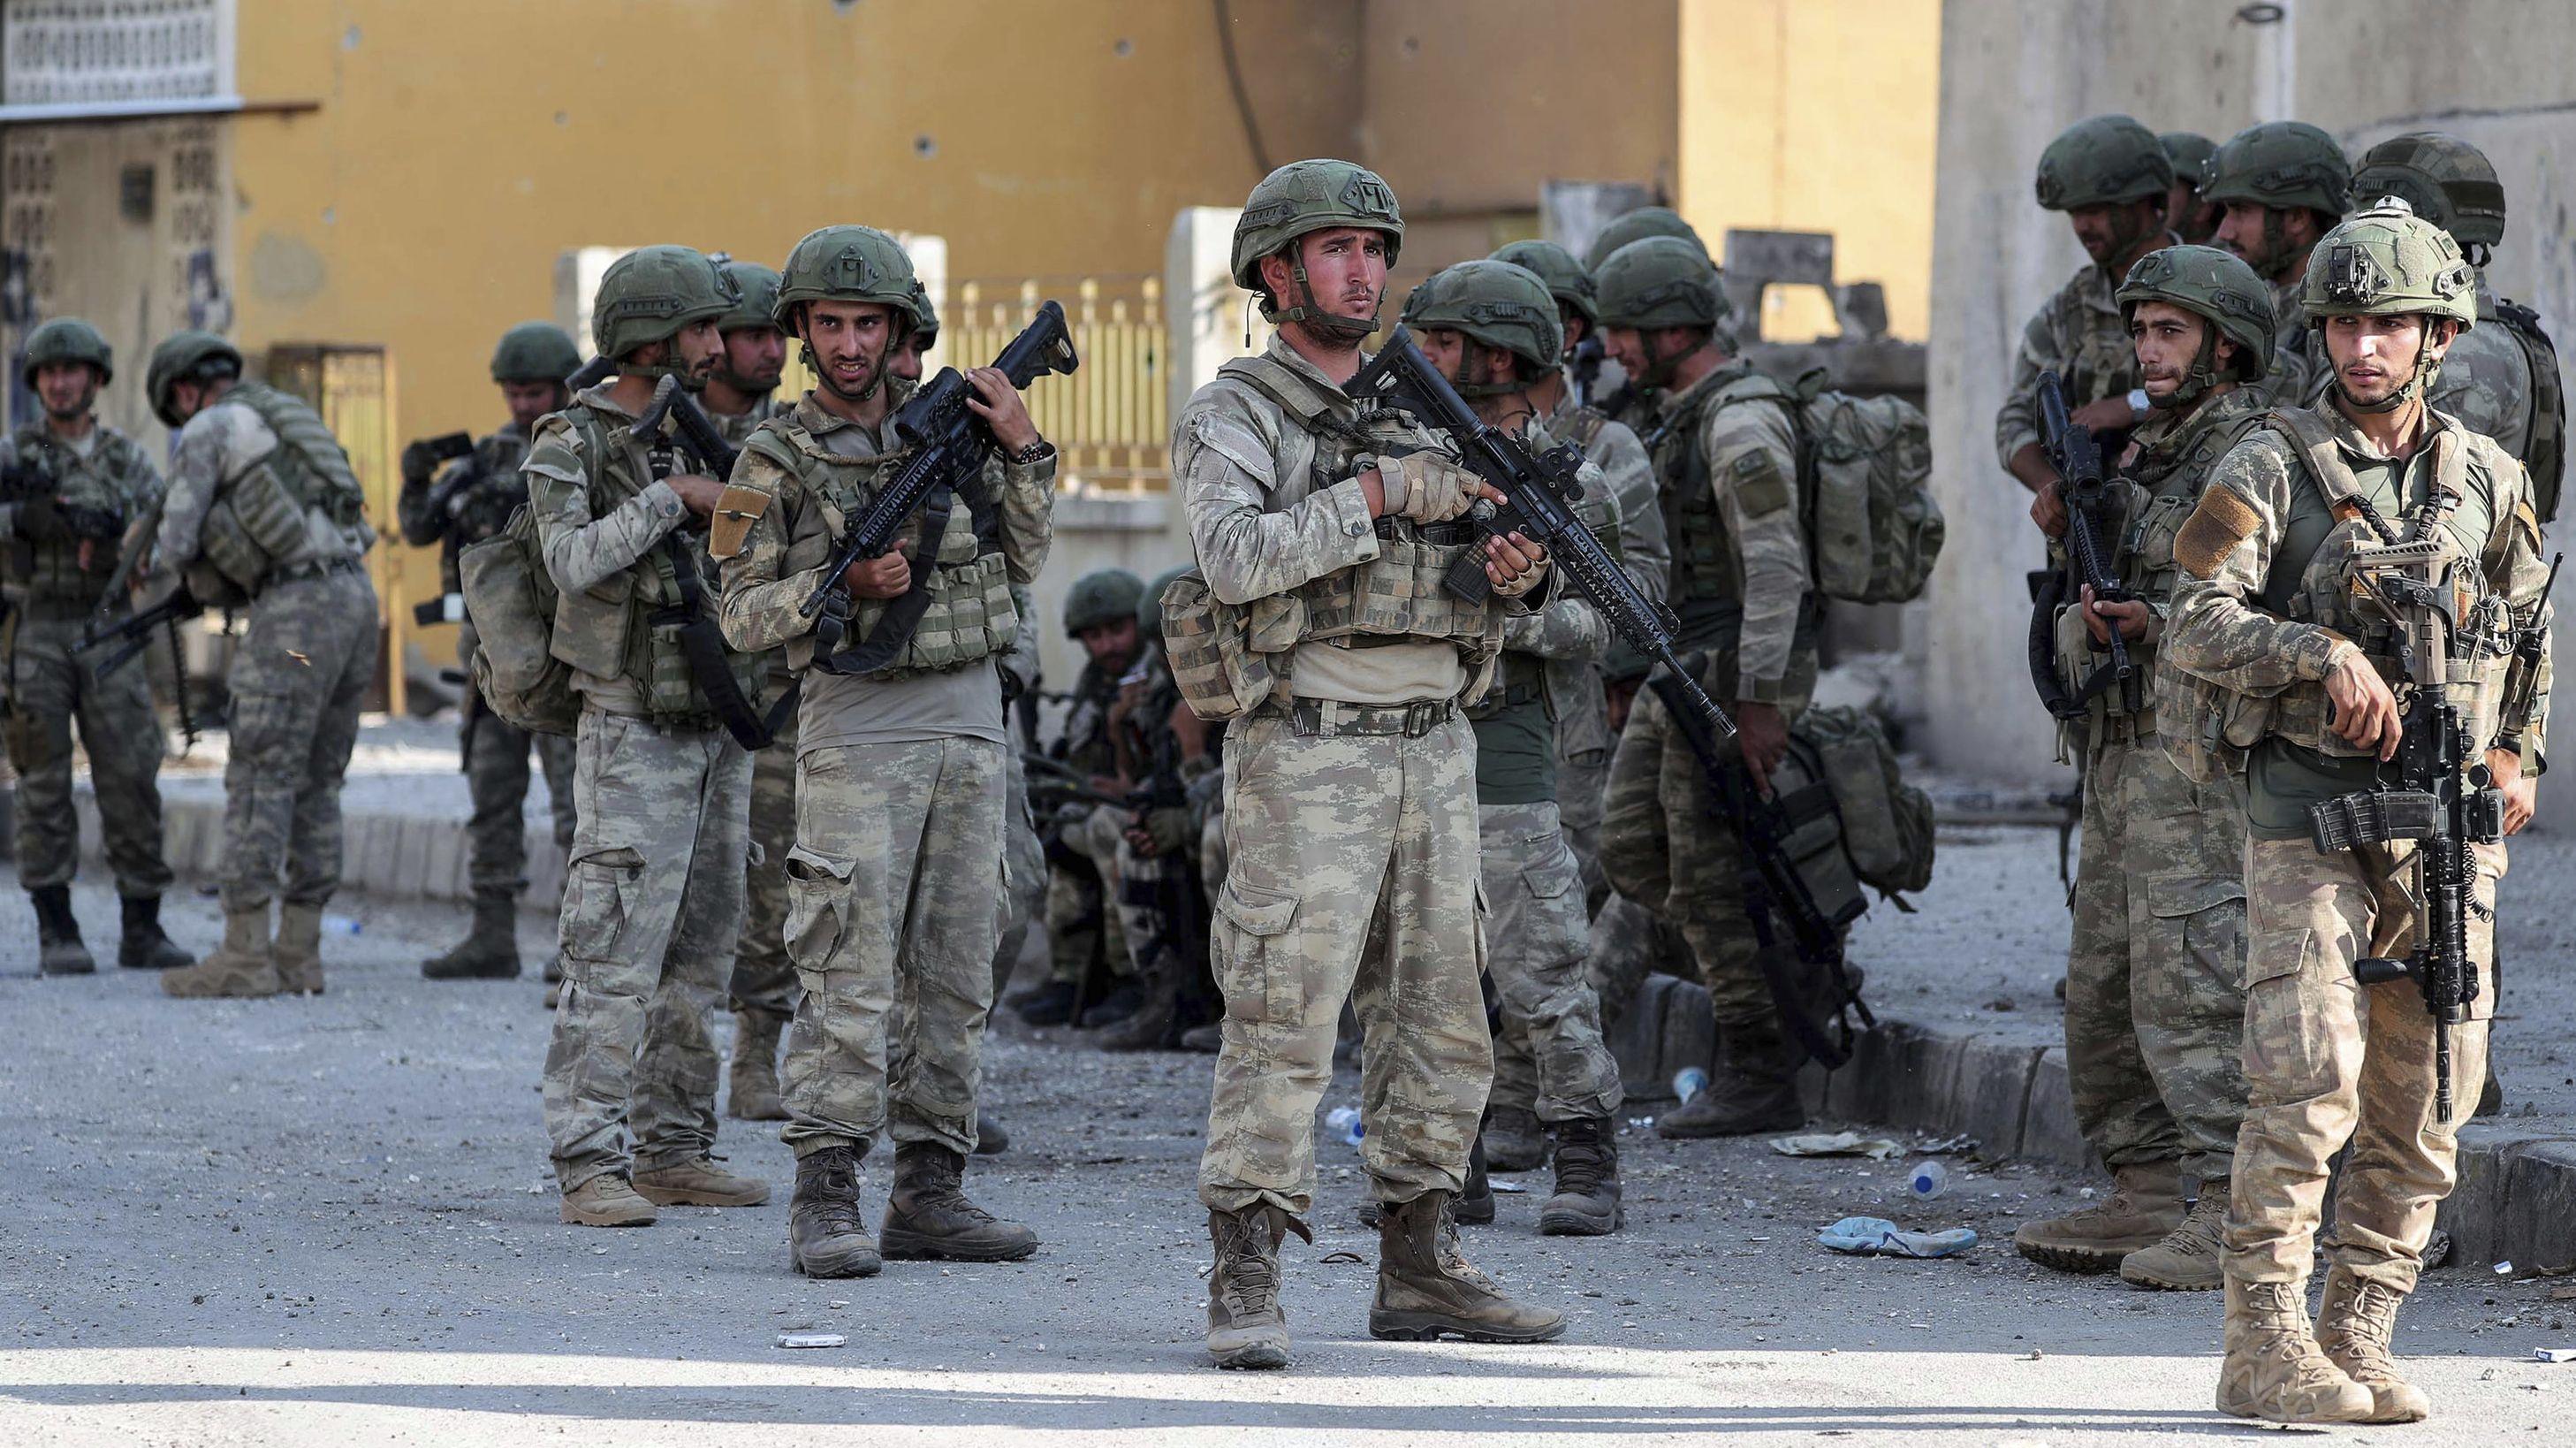 Syrien, Ras Al Ayn: Türkische Soldaten tragen Waffen und Schutzausrüstung, während sie eine Straße sichern. Keine Waffen mehr für die Türkei: Das hatte Kanzlerin Merkel nach dem türkischen Einmarsch in Nordsyrien angekündigt. Das gilt aber nicht für alle Rüstungsgüter.